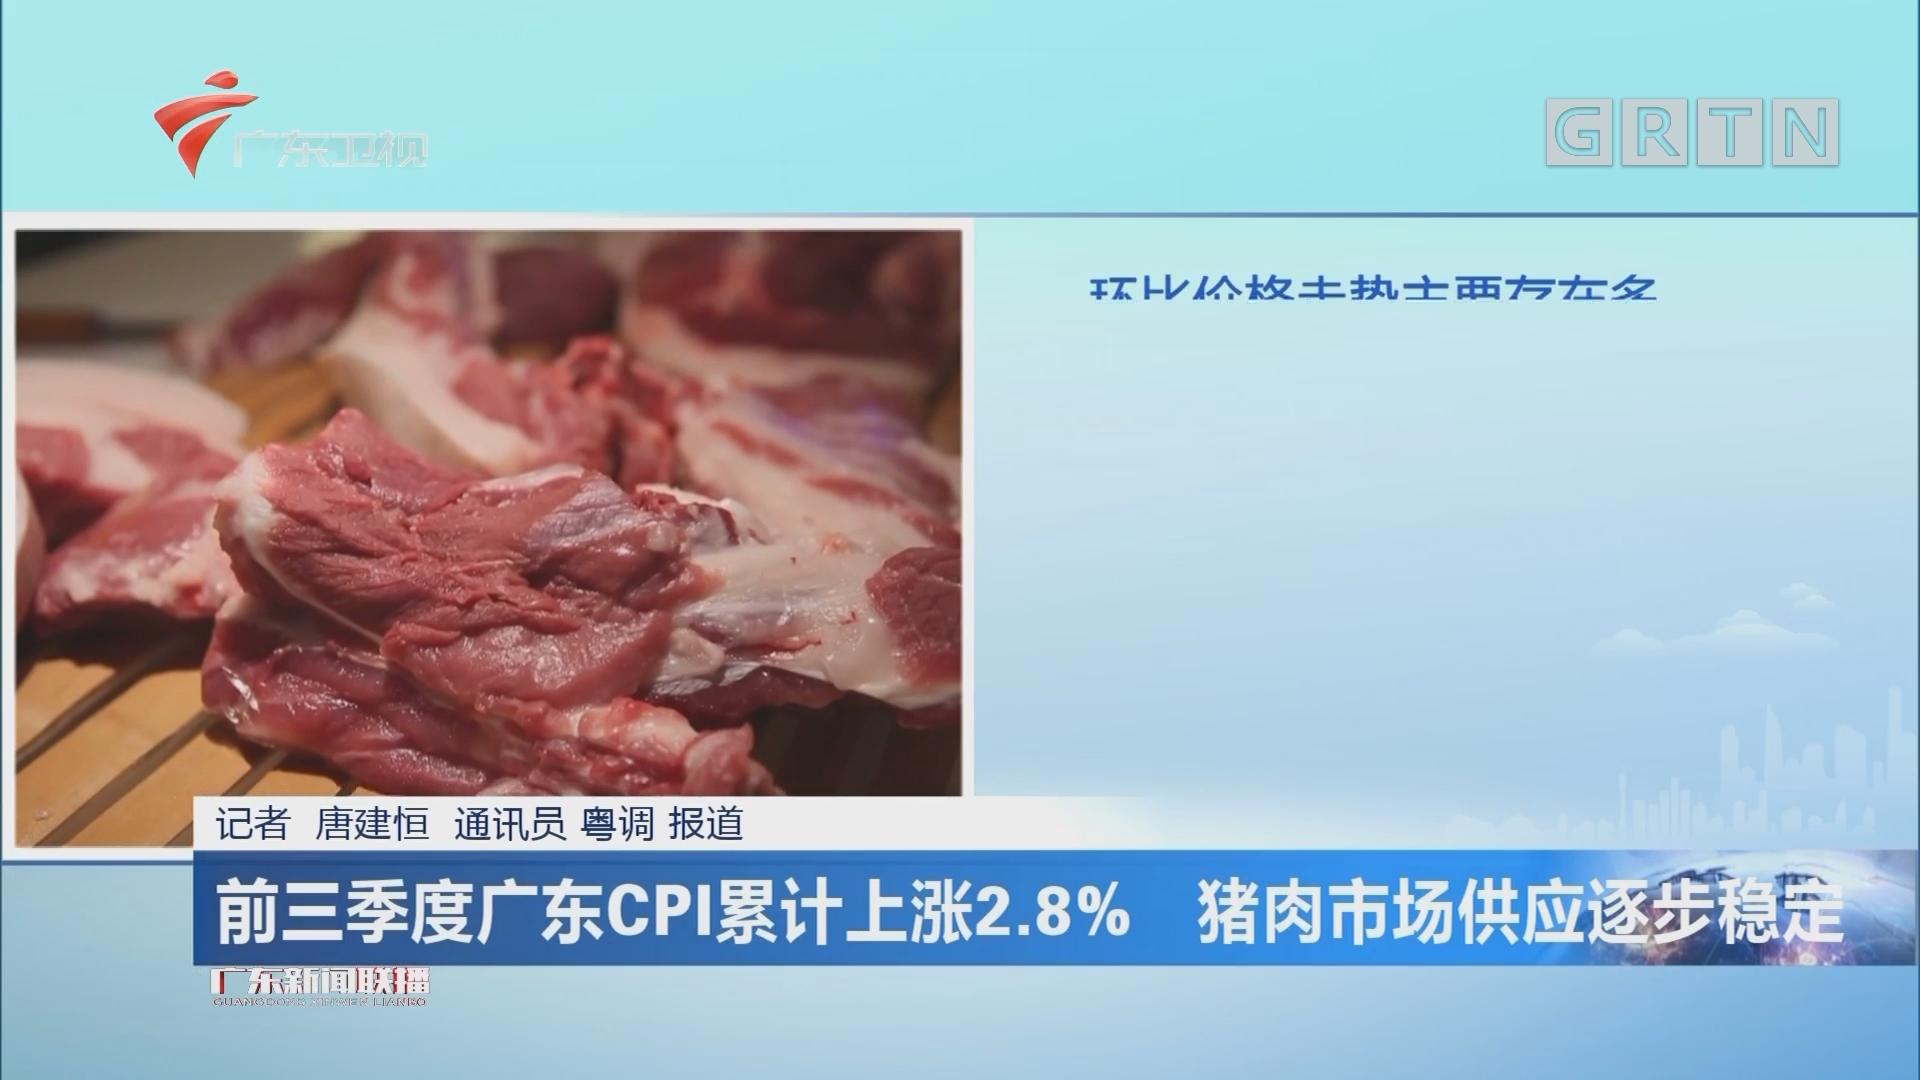 前三季度广东CPI累计上涨2.8% 猪肉市场供应逐步稳定